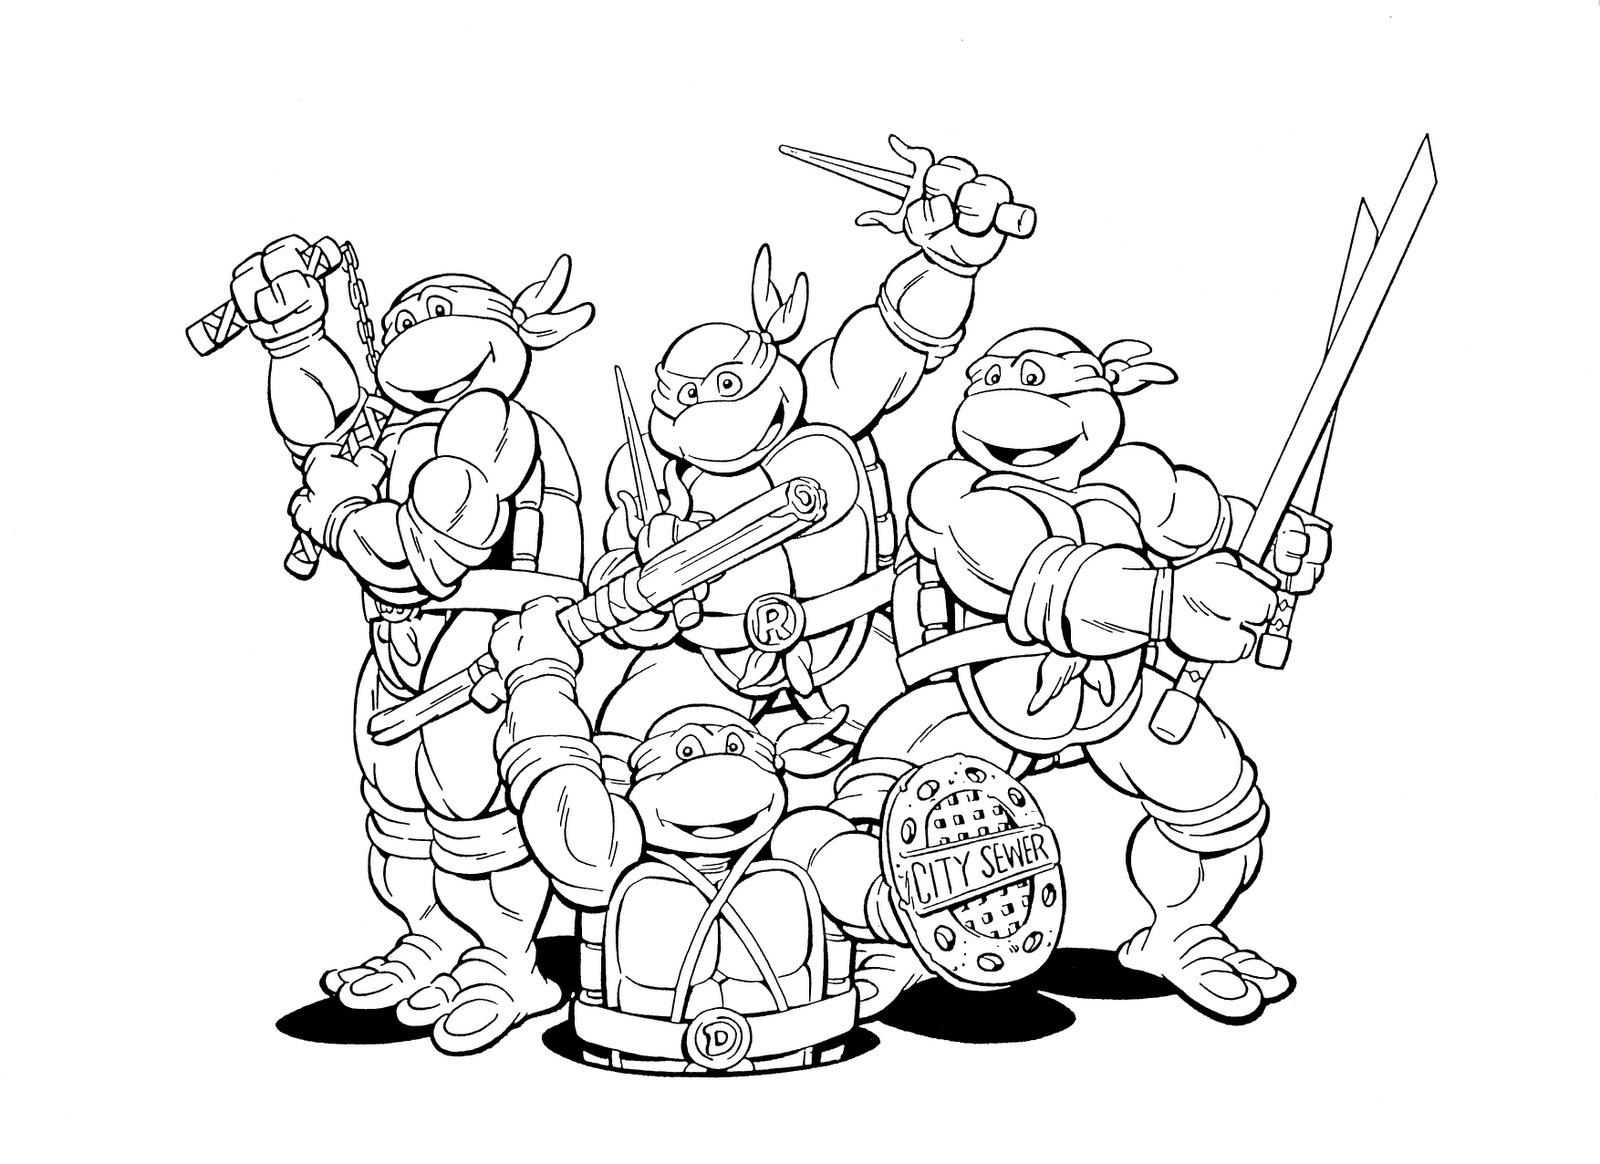 Super Heroes Coloring Kids Ninja Turtles Free Superhero Coloring